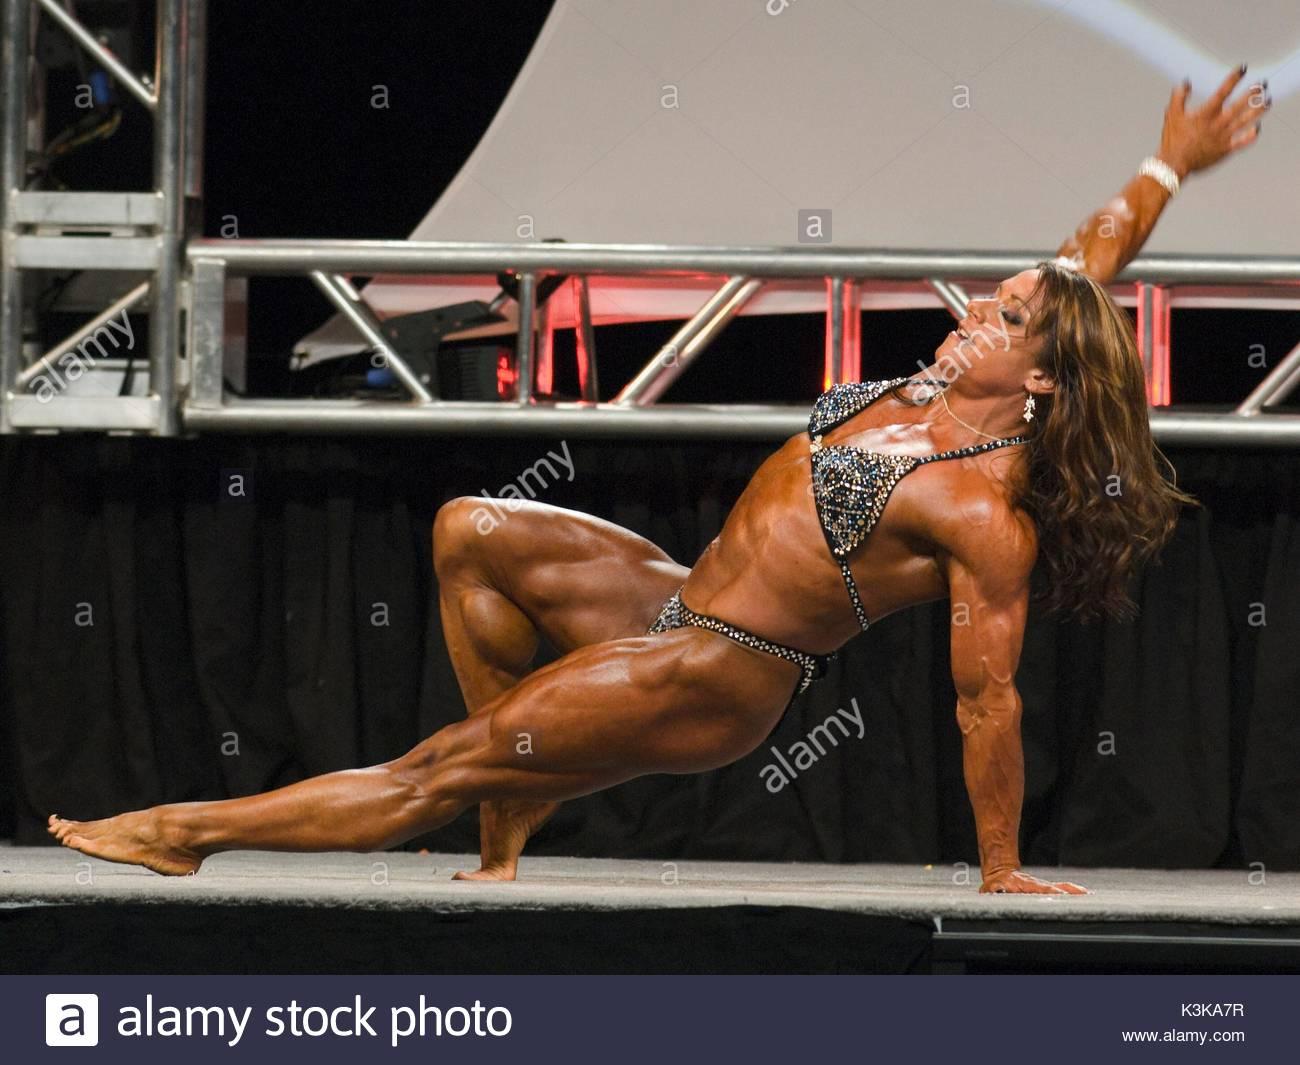 Sarah Dunlap à l Olympia 2007 Mme Musculation Finale du concours ... 6baace19236